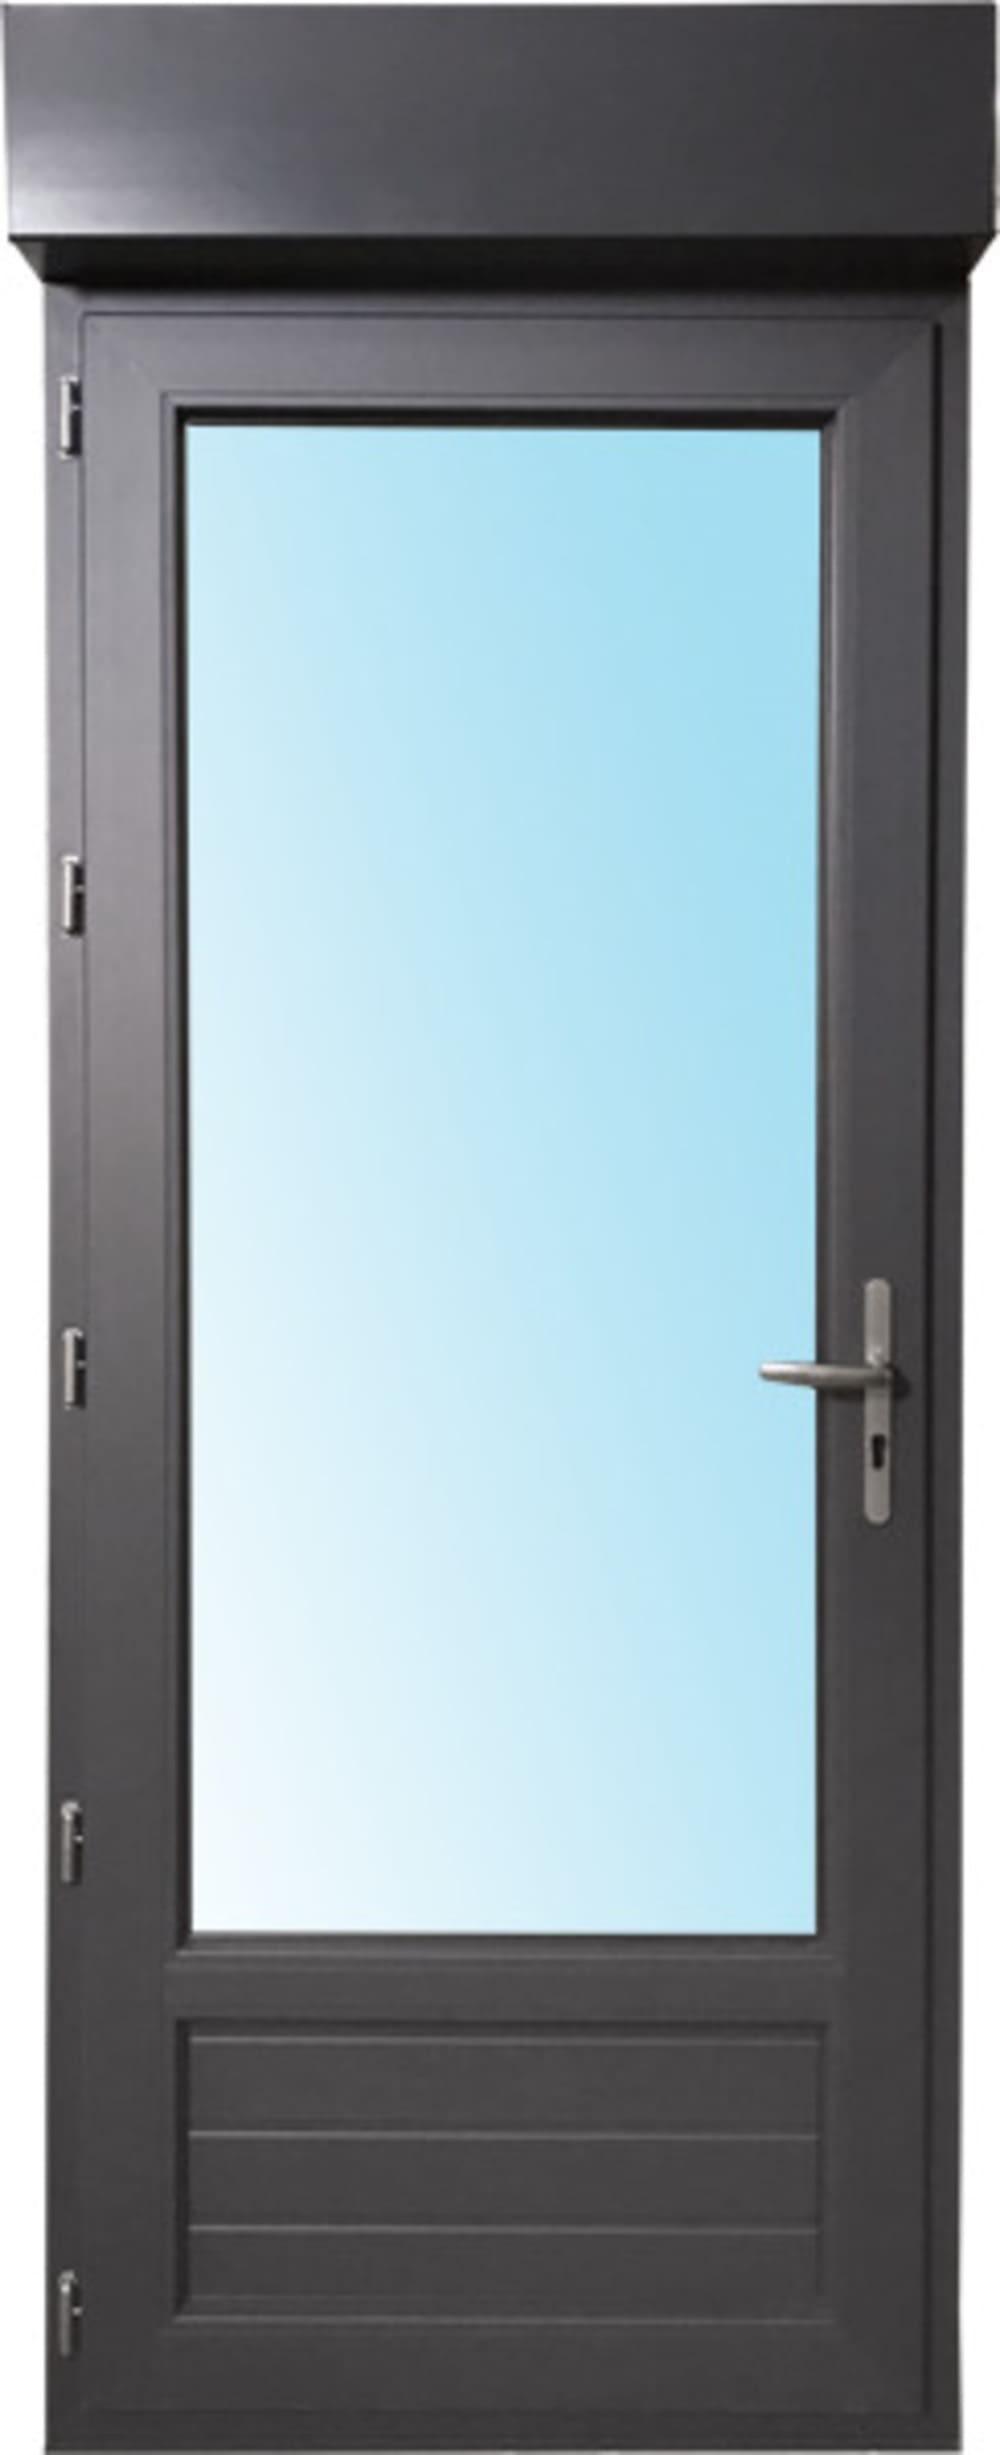 Porte Fenêtre 1 Vantail En Pvc H205xl80cm Volet Roulant Intégré